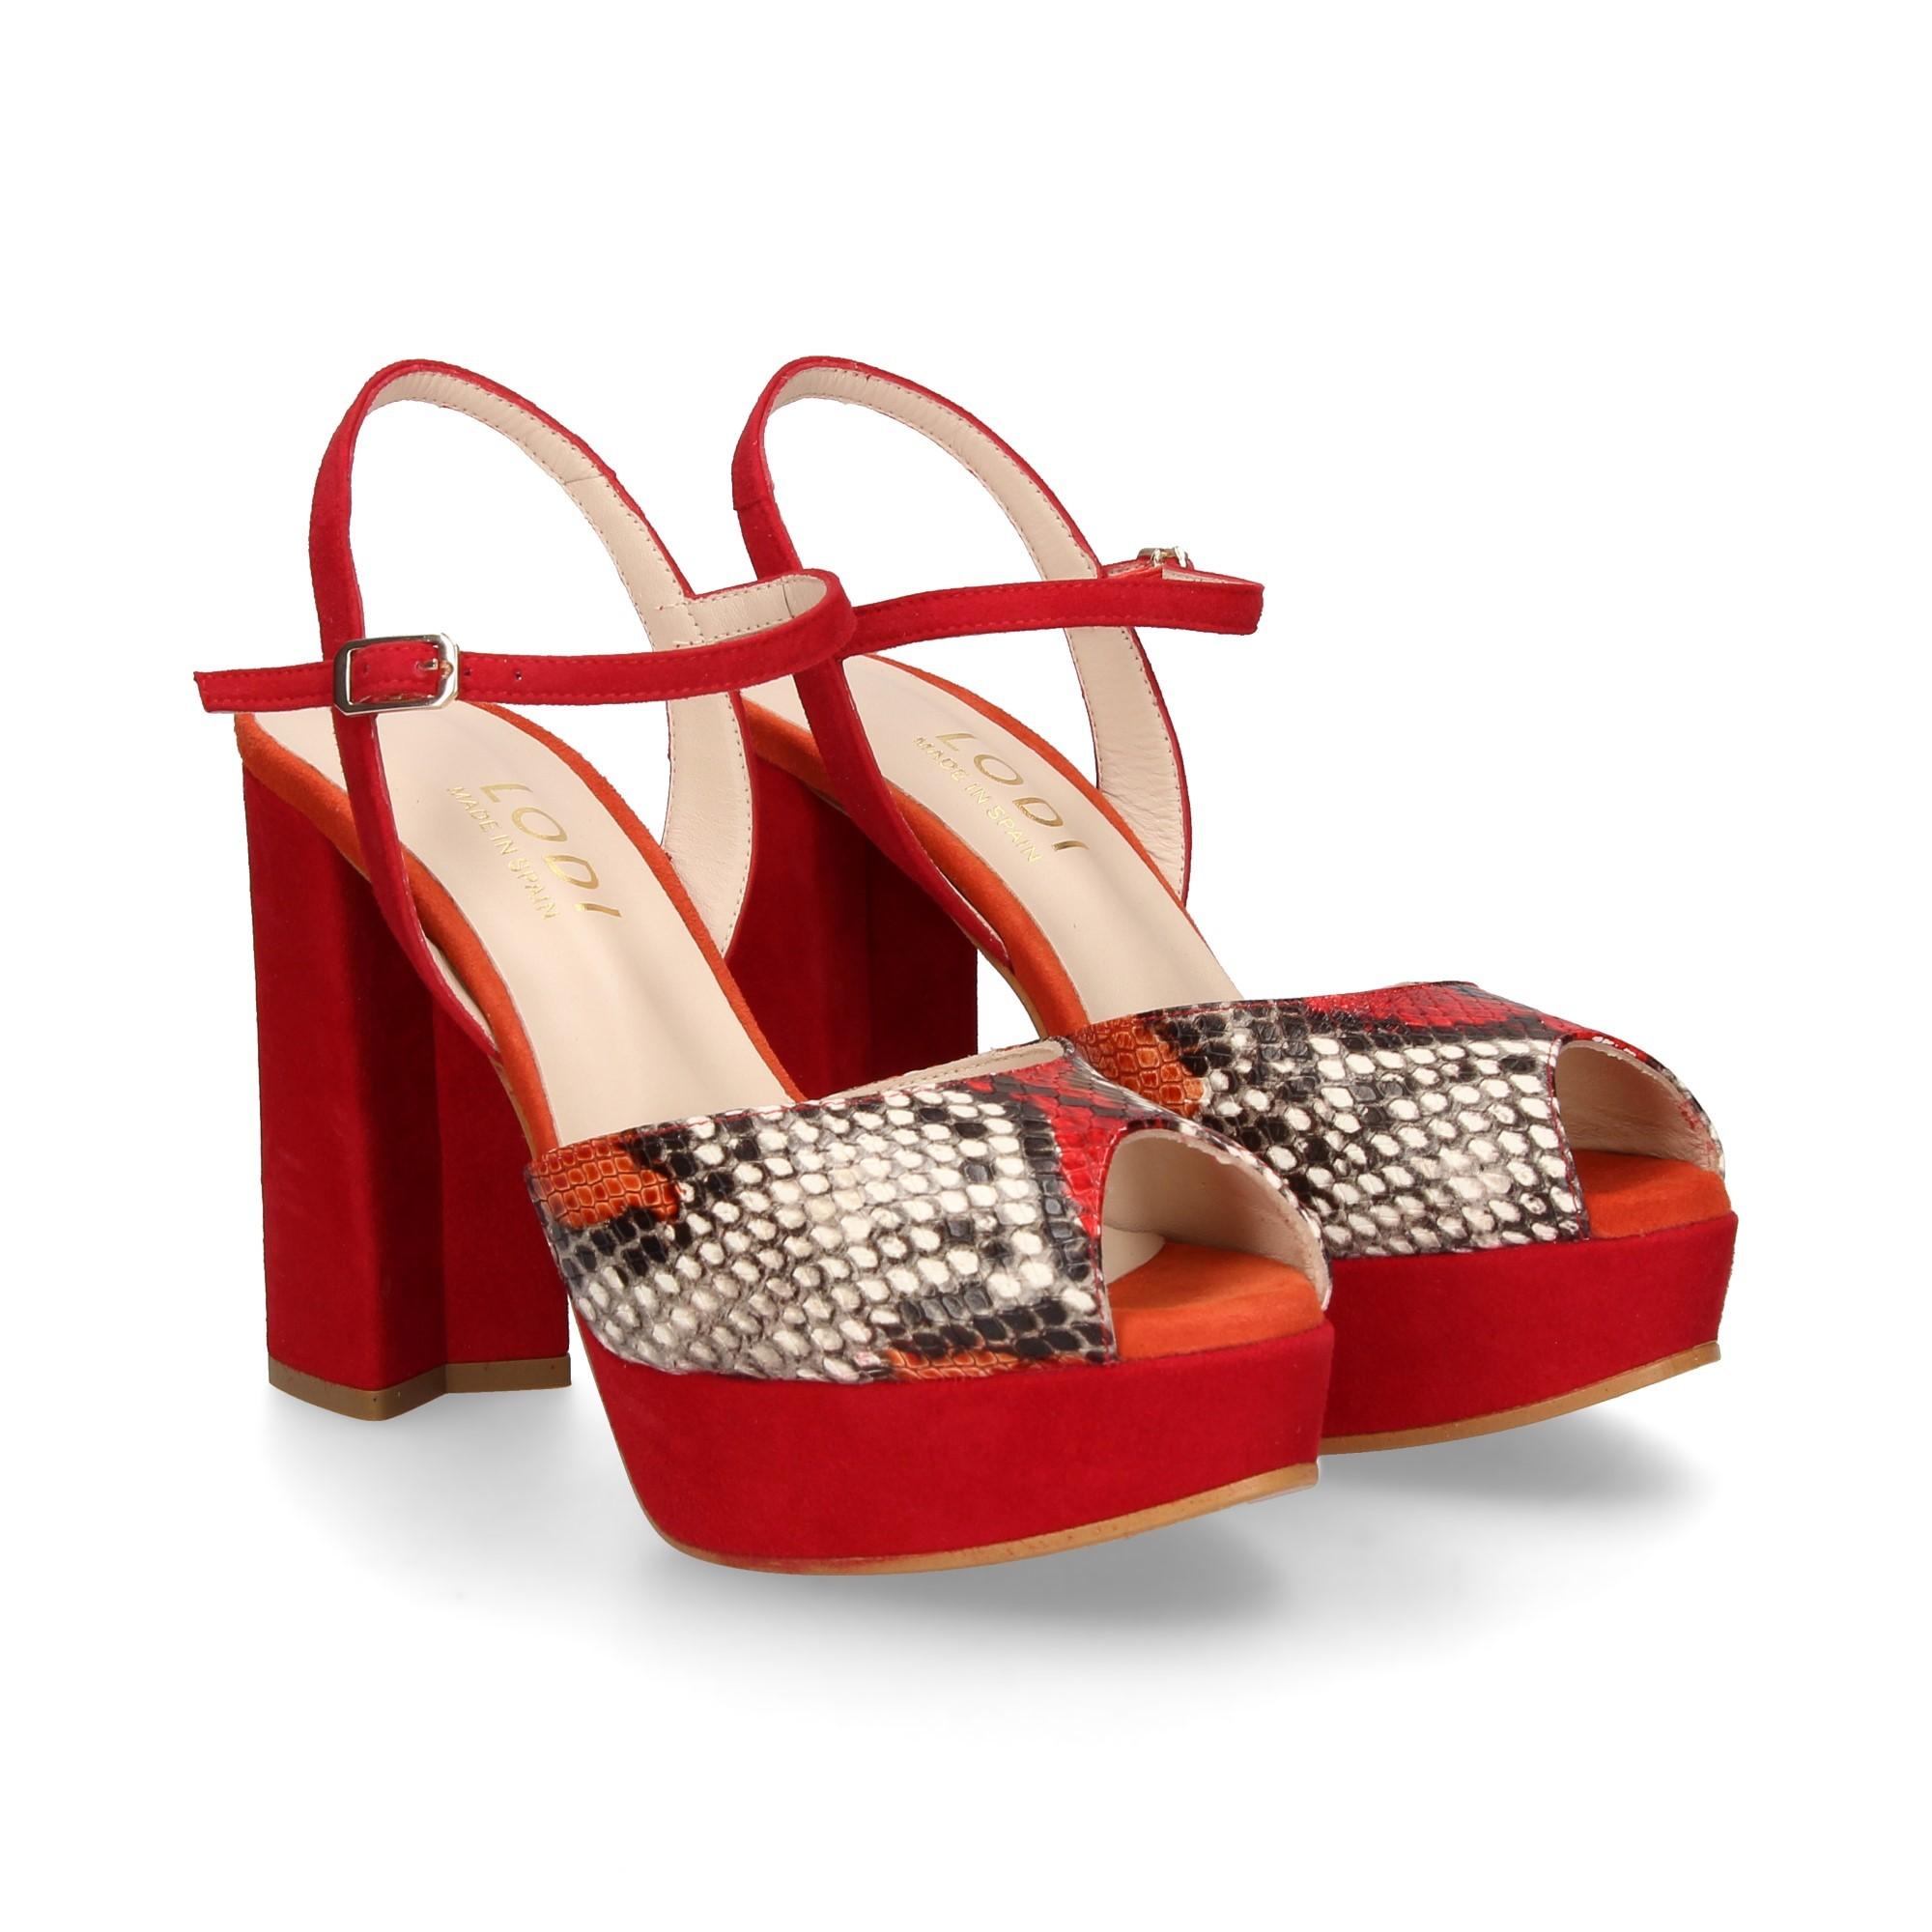 Tica Rojo Sandalias Xsr De Lodi Con Mujer Plataforma ybf76vYg